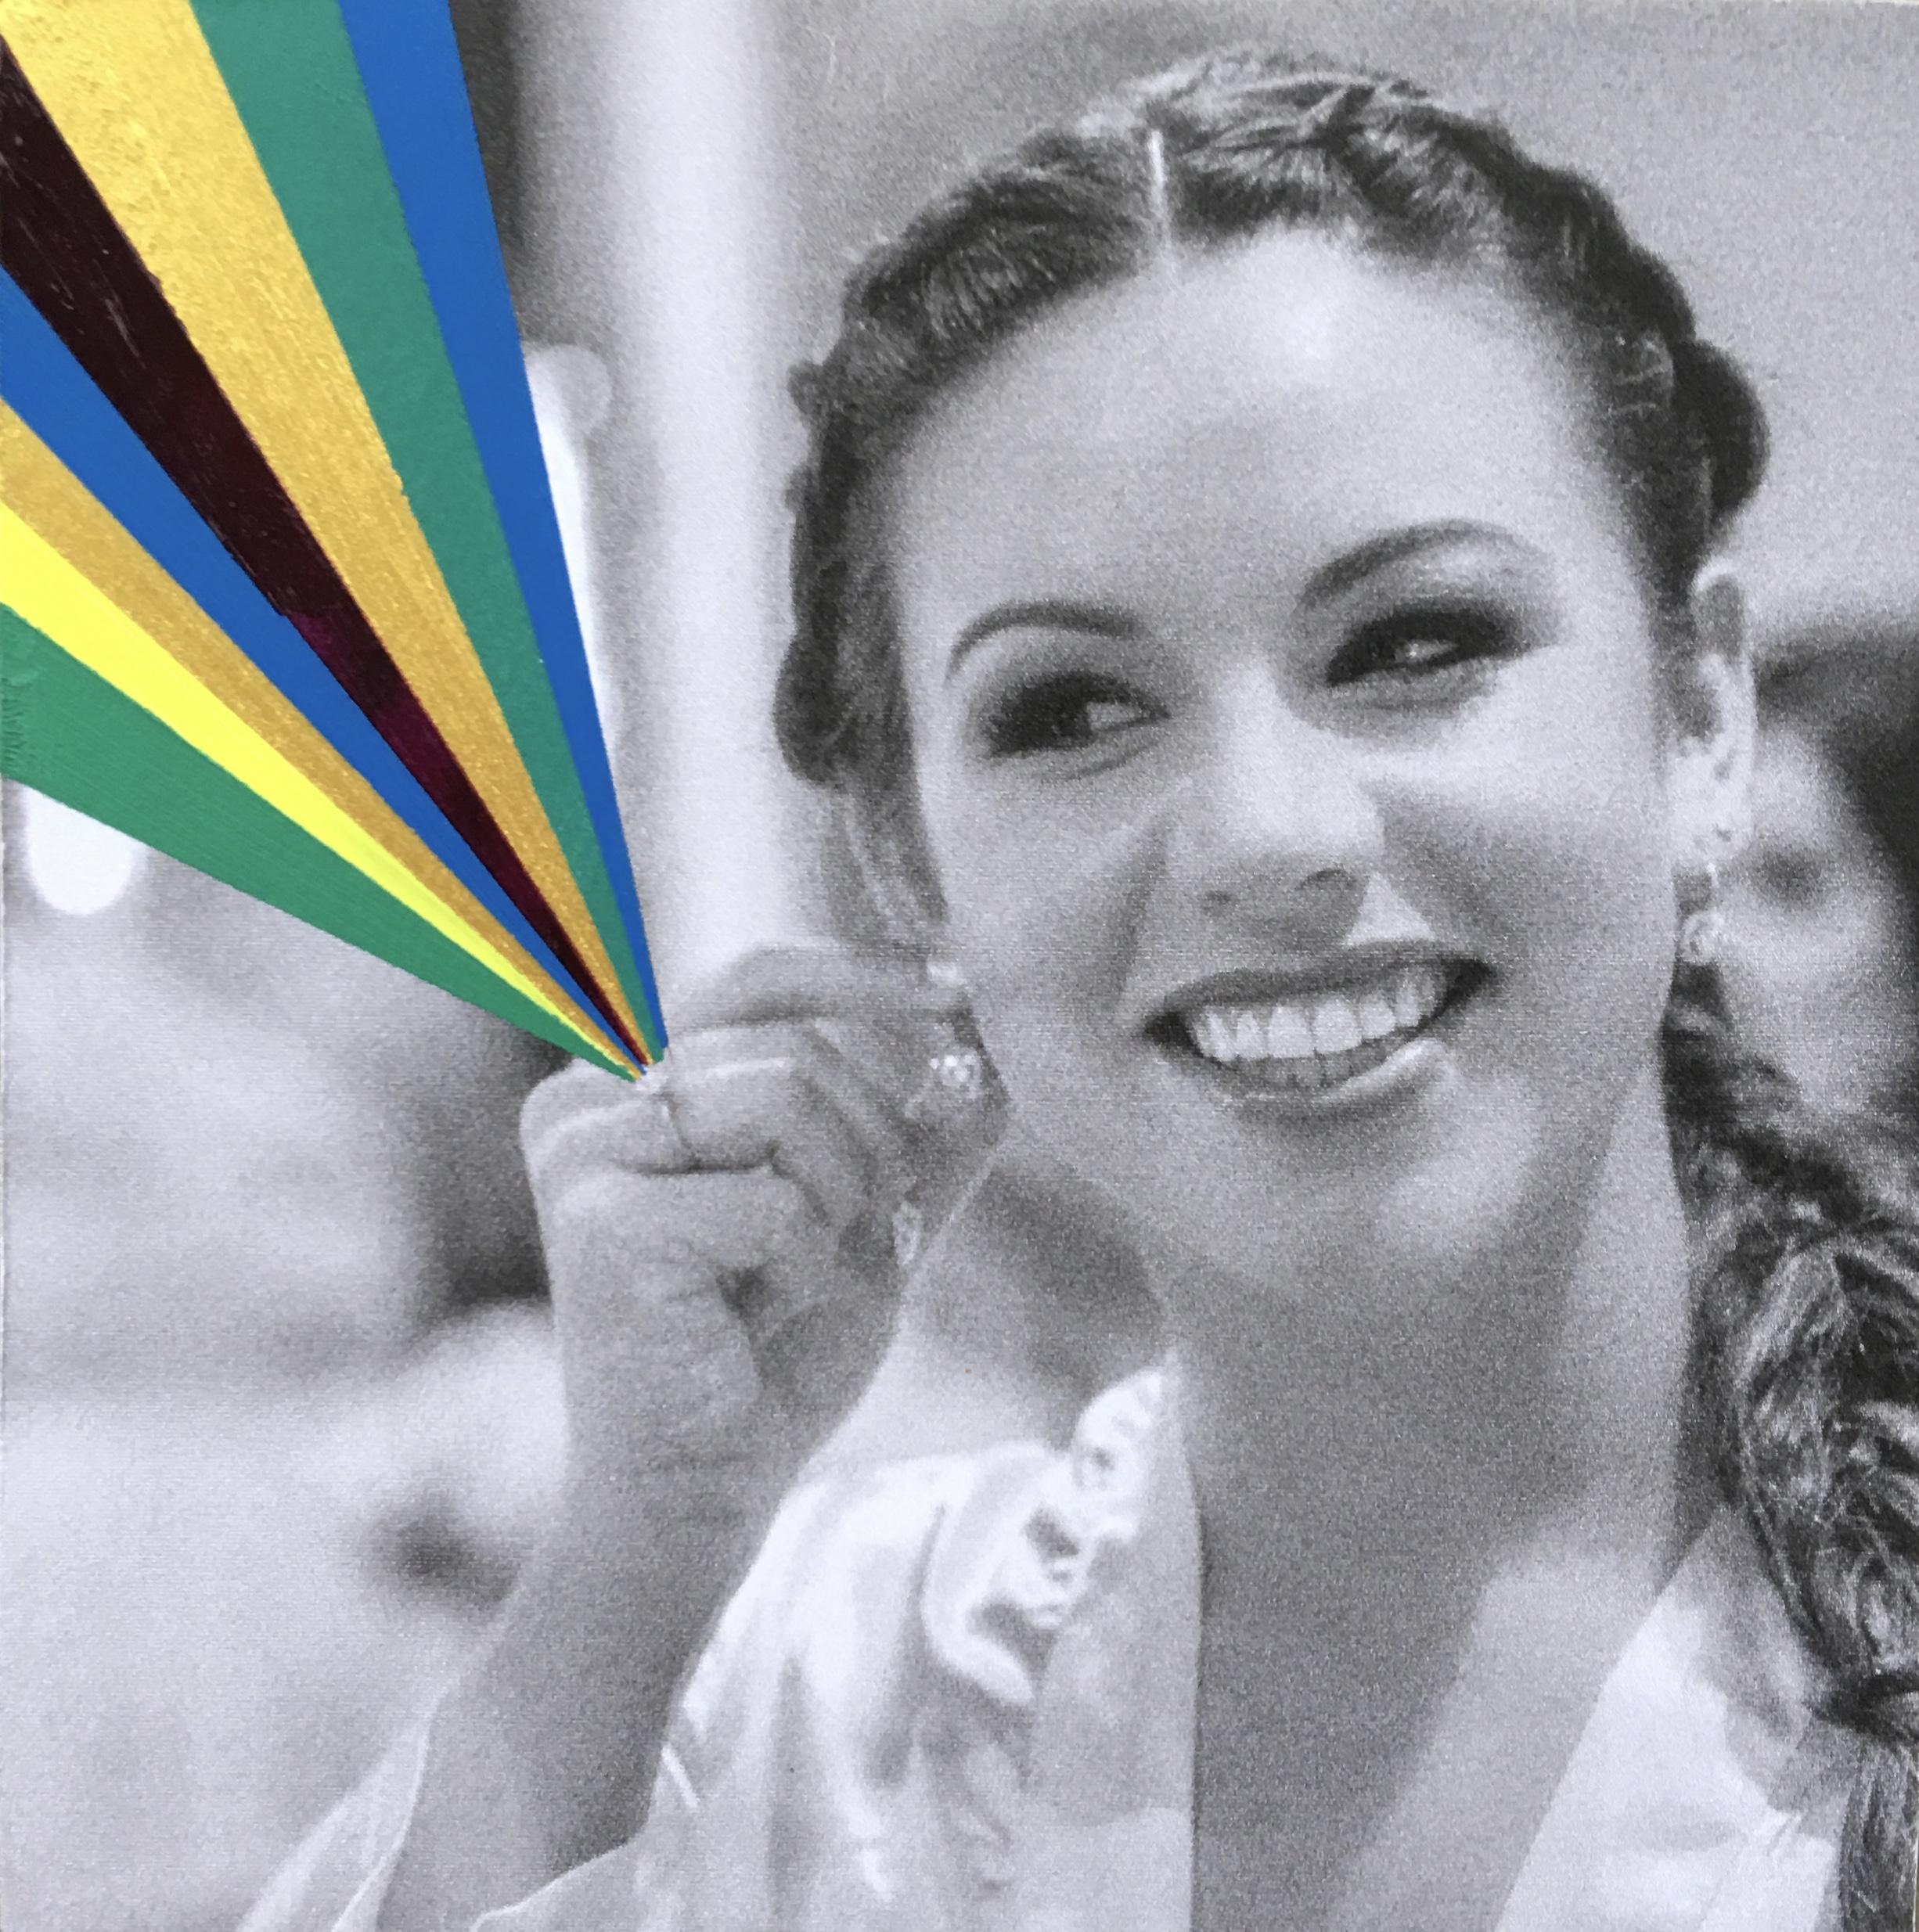 """Original image courtesy of Kelly's wedding photographers  Photopro  Mixed media with b/w photo + acrylic paints on 4"""" x 4"""" wood panel"""